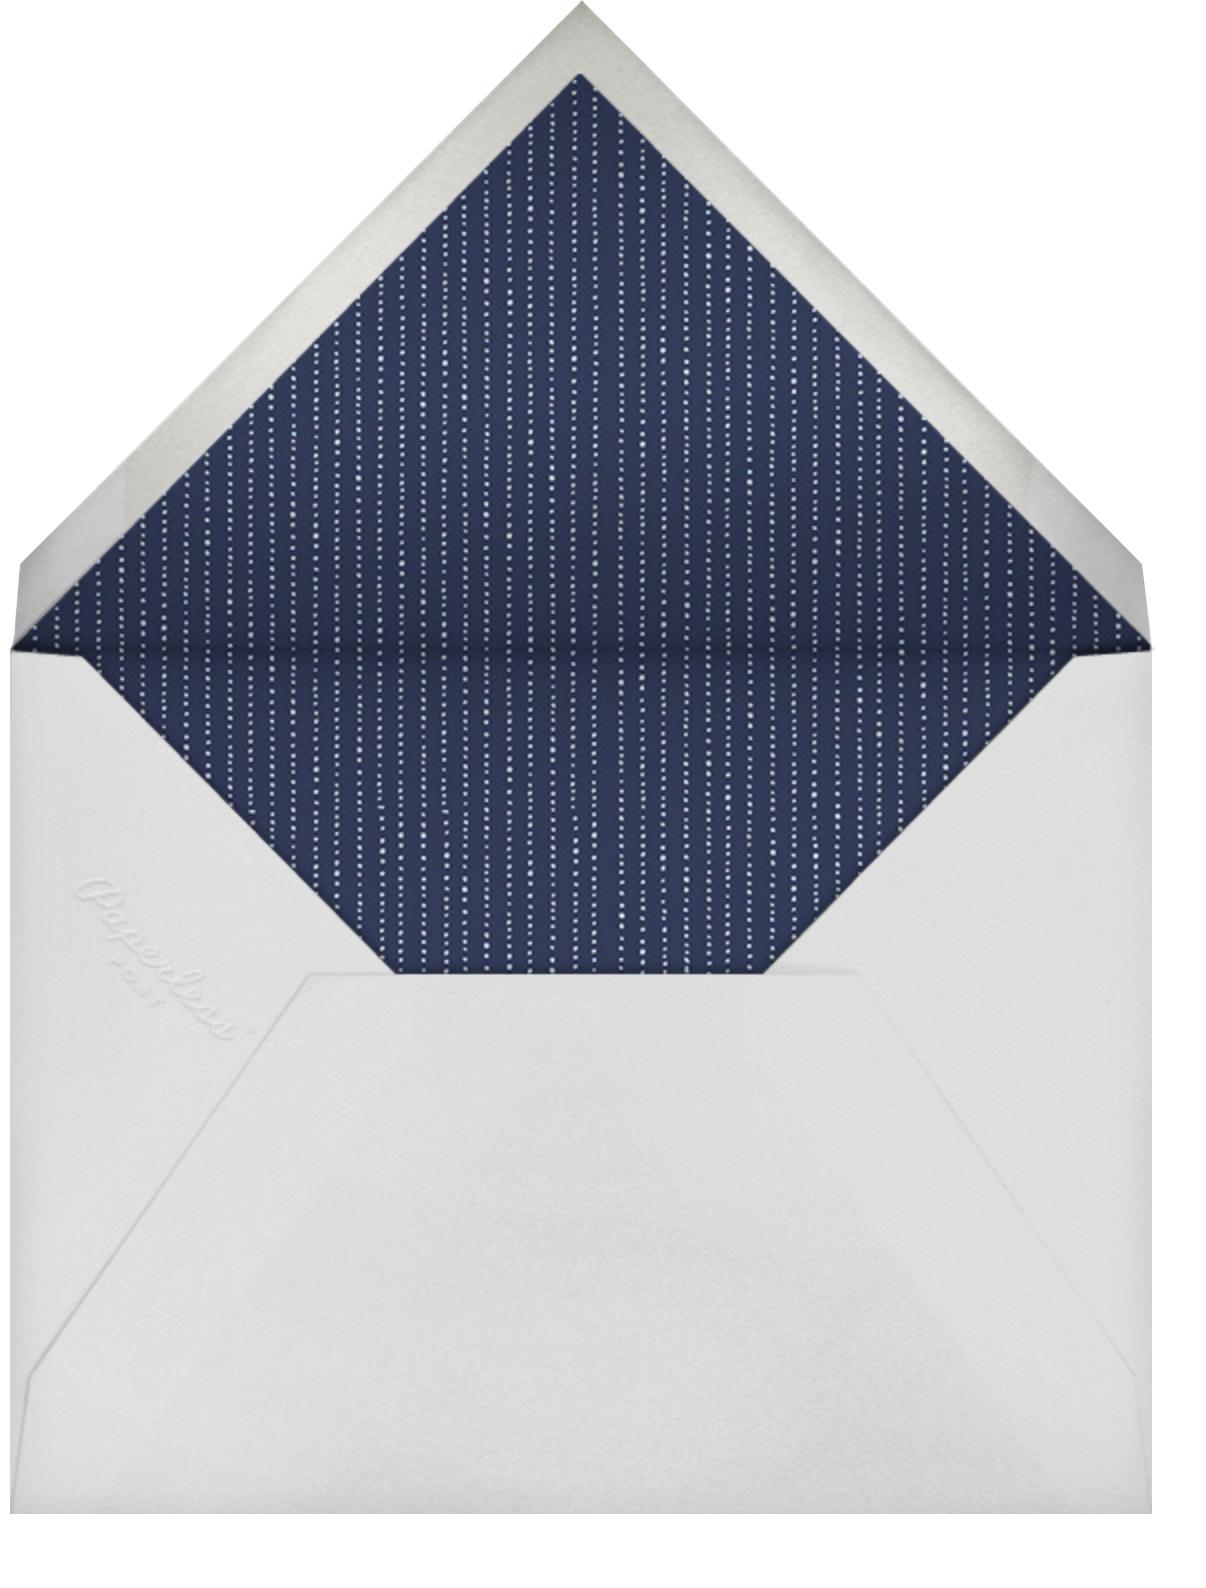 Pram - Blue - Paperless Post - Baby shower - envelope back